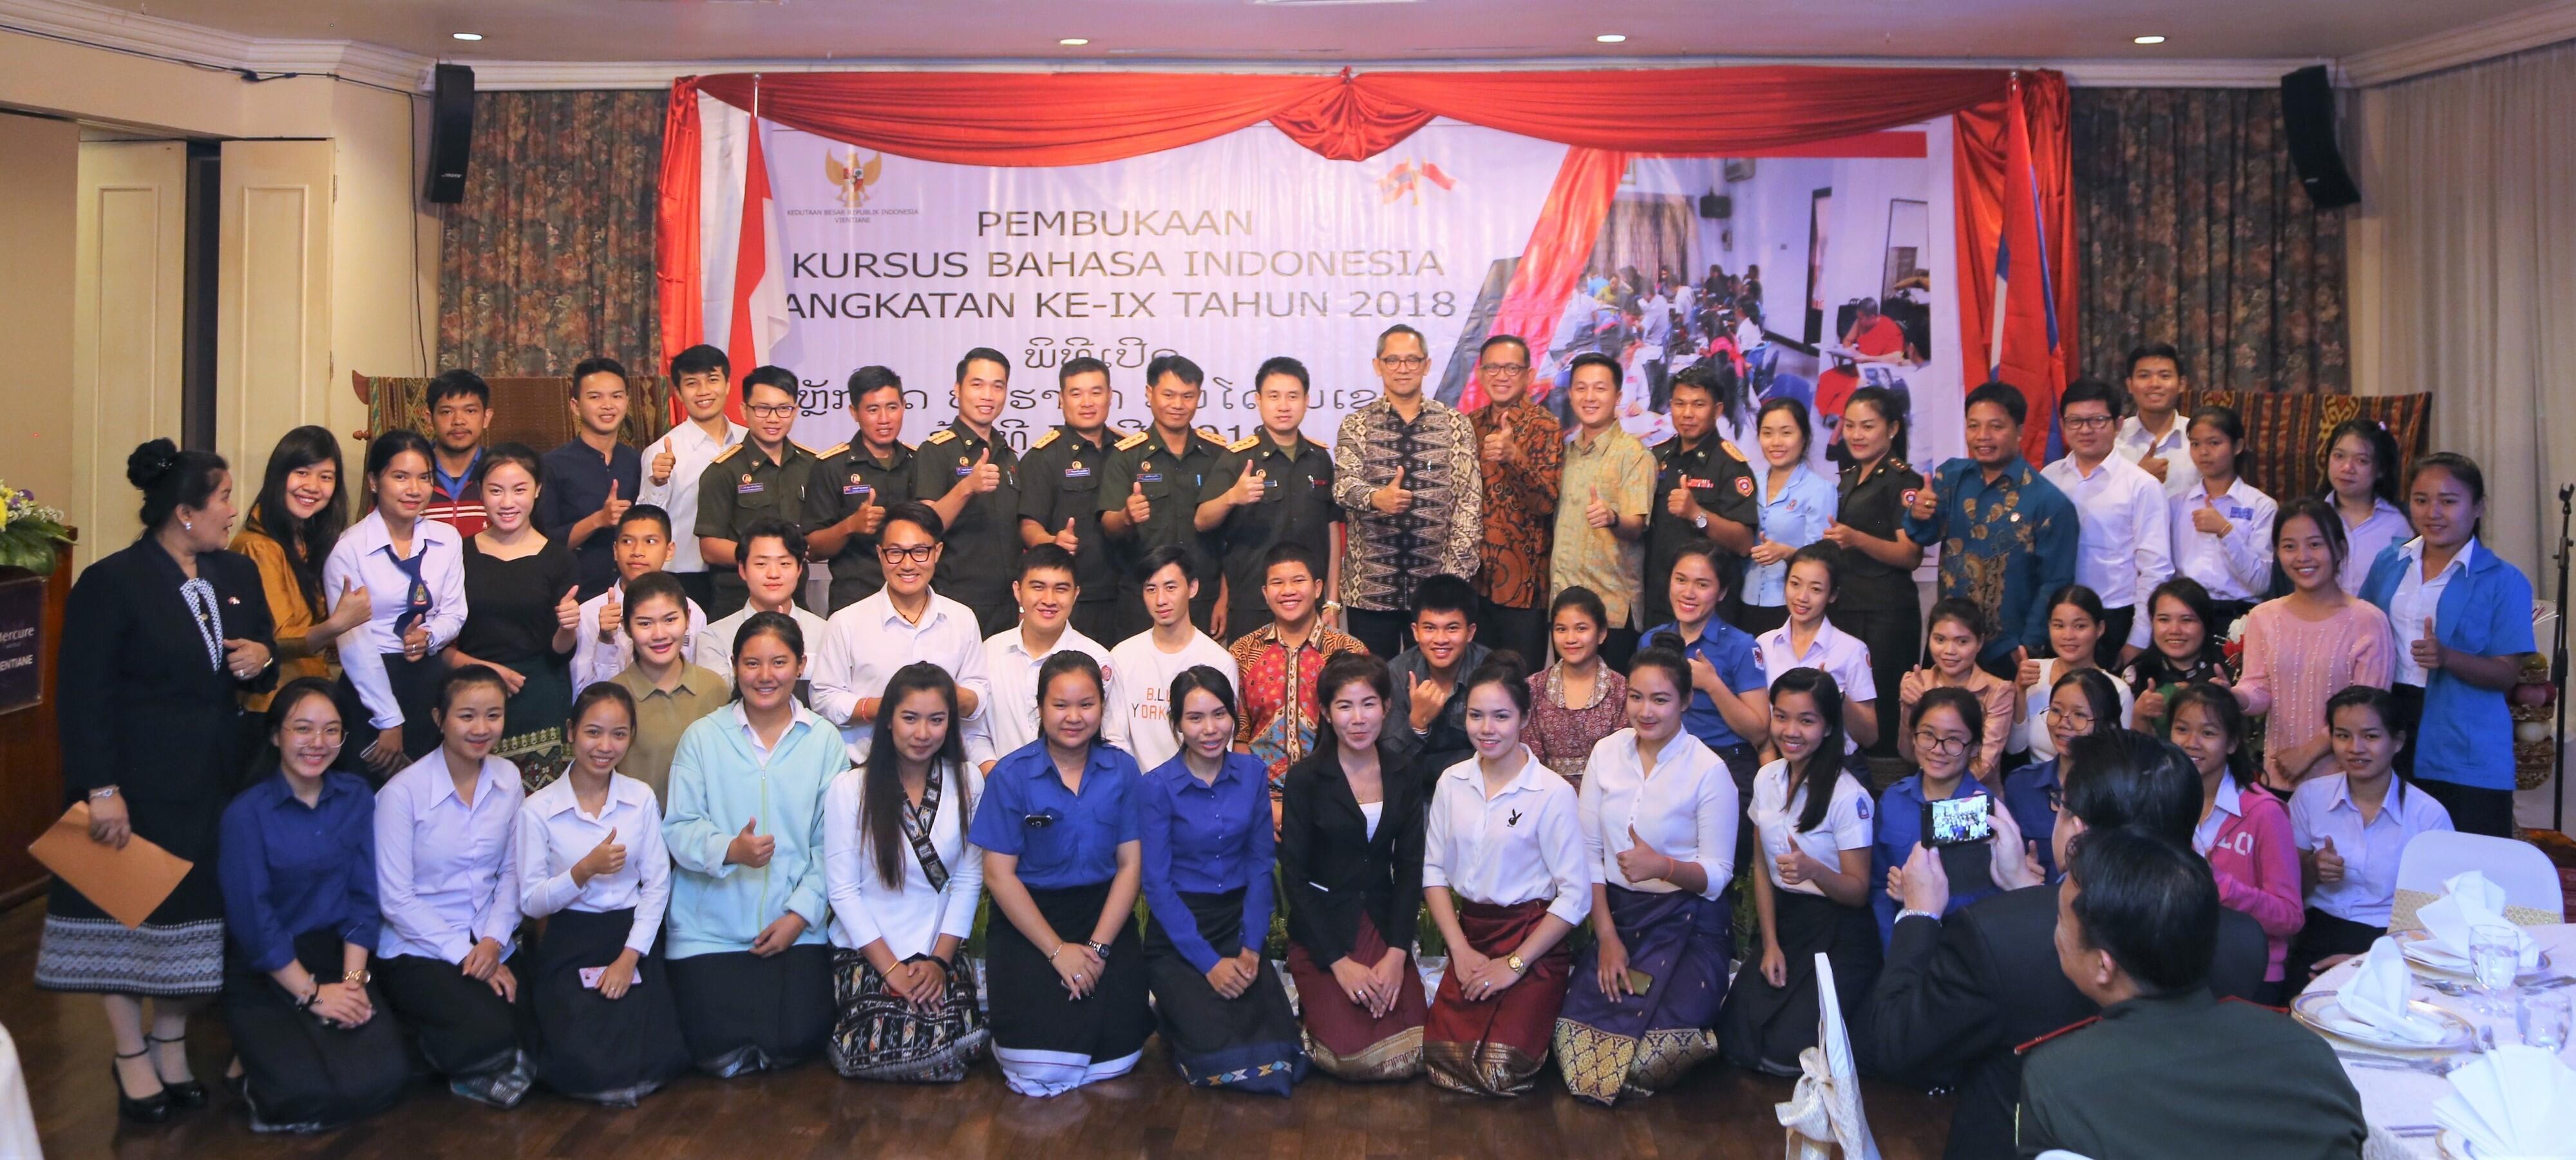 Tingginya Animo Masyarakat Laos untuk Belajar Bahasa Indonesia